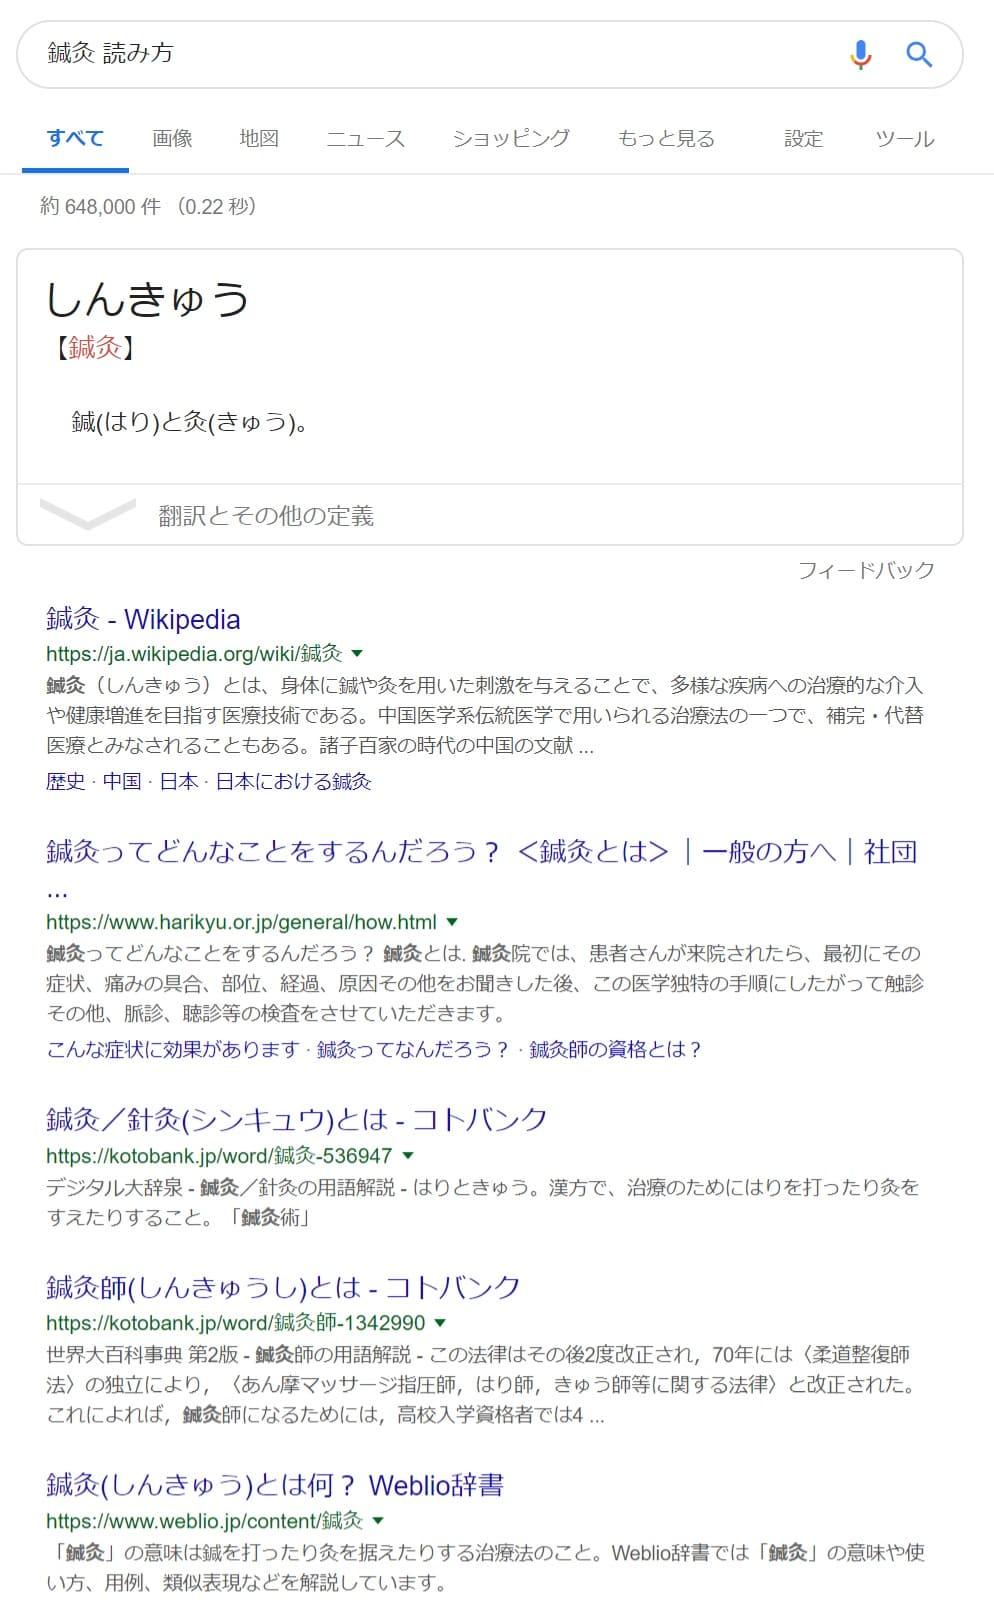 「鍼灸 読み方」のGoogle検索結果の一部